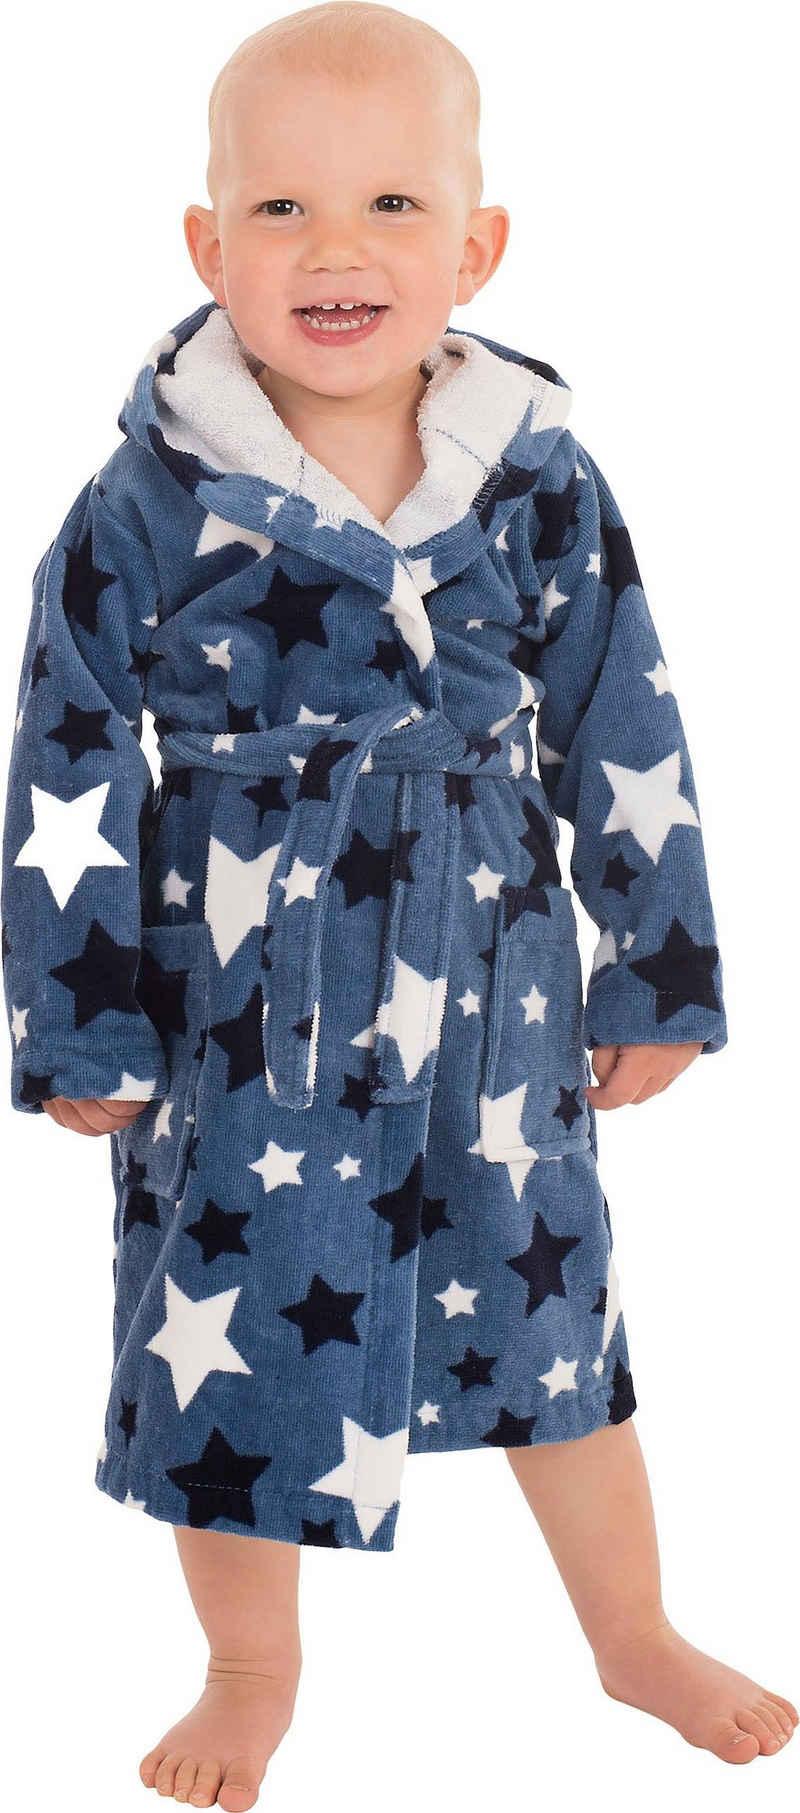 Kinderbademantel »8207«, Wewo fashion, mit Sternen